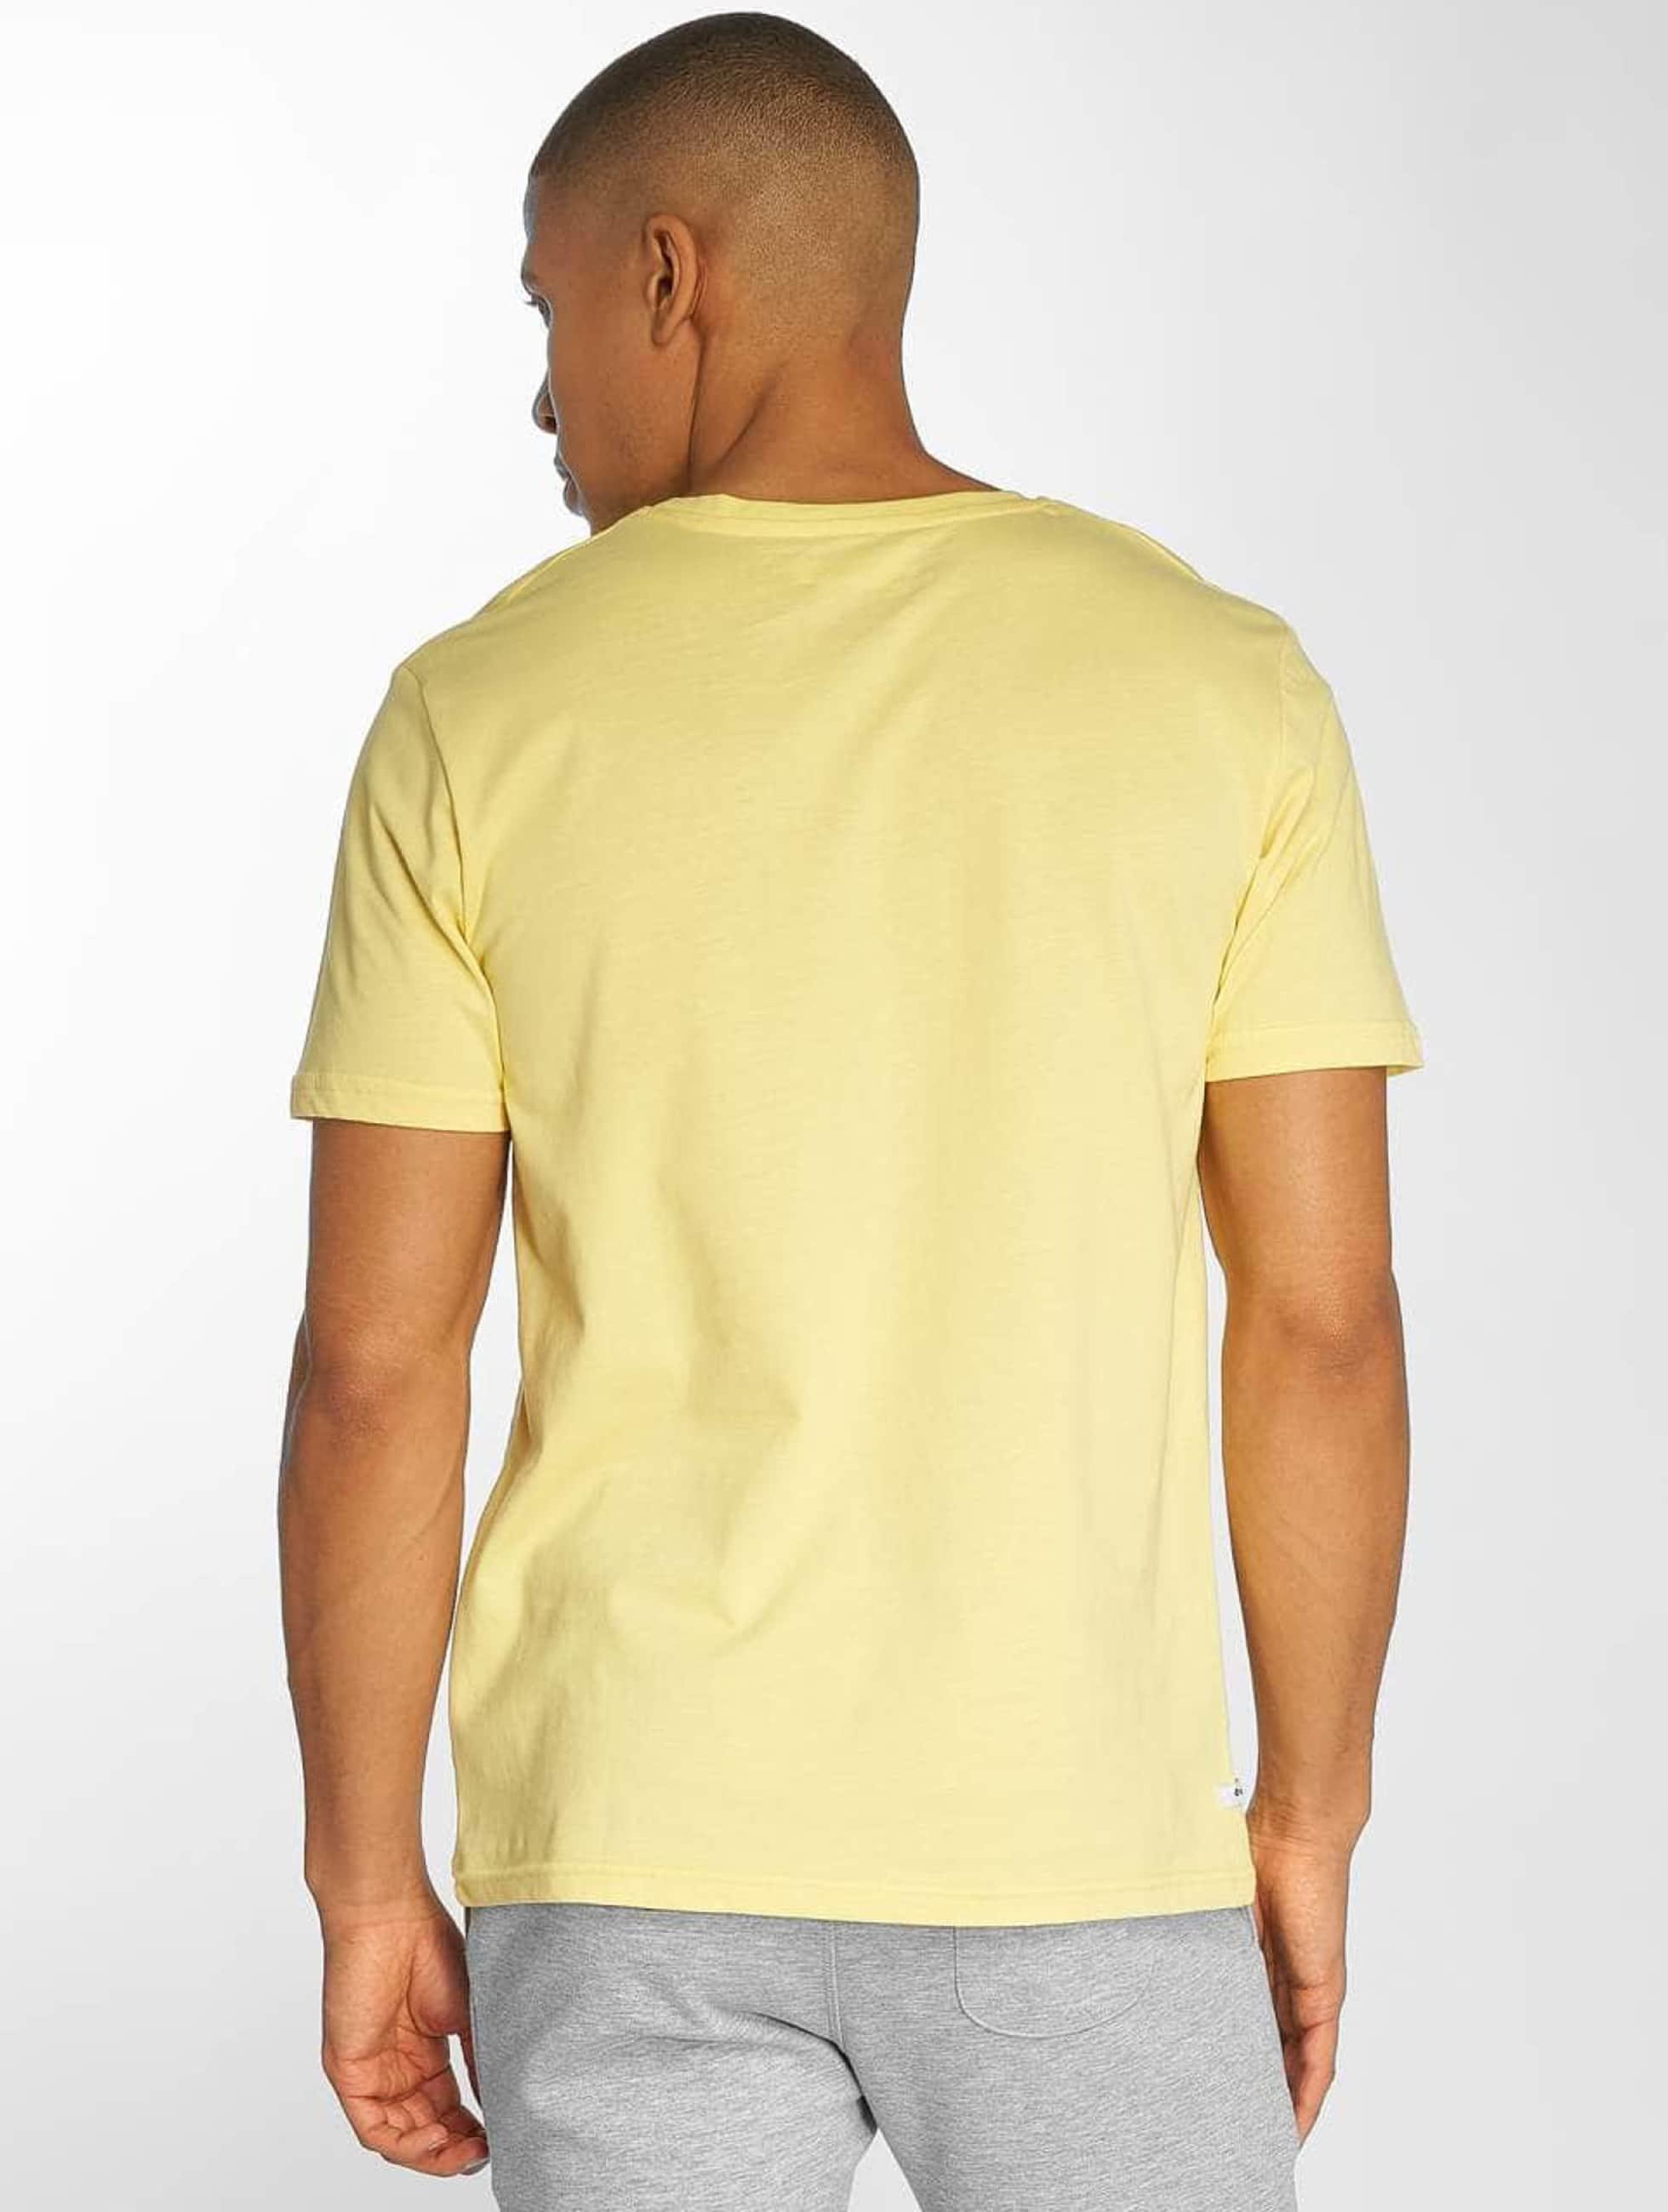 Kulte Camiseta Summer Cam amarillo